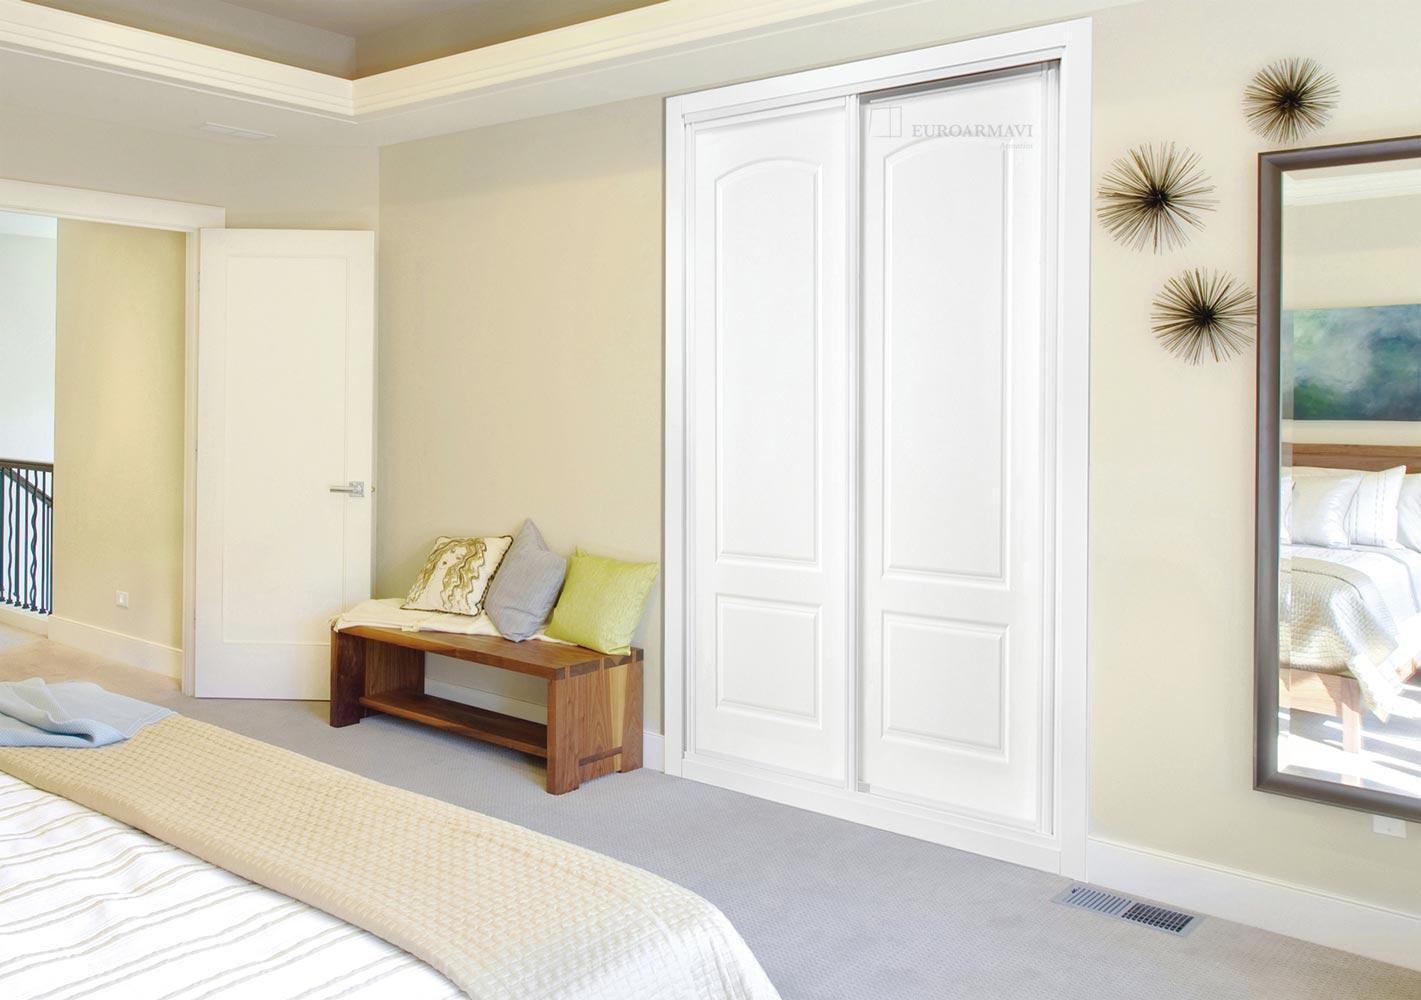 Dormitorios con armarios empotrados decorar armarios empotrados modernos with dormitorios con - Dormitorios con armarios empotrados ...